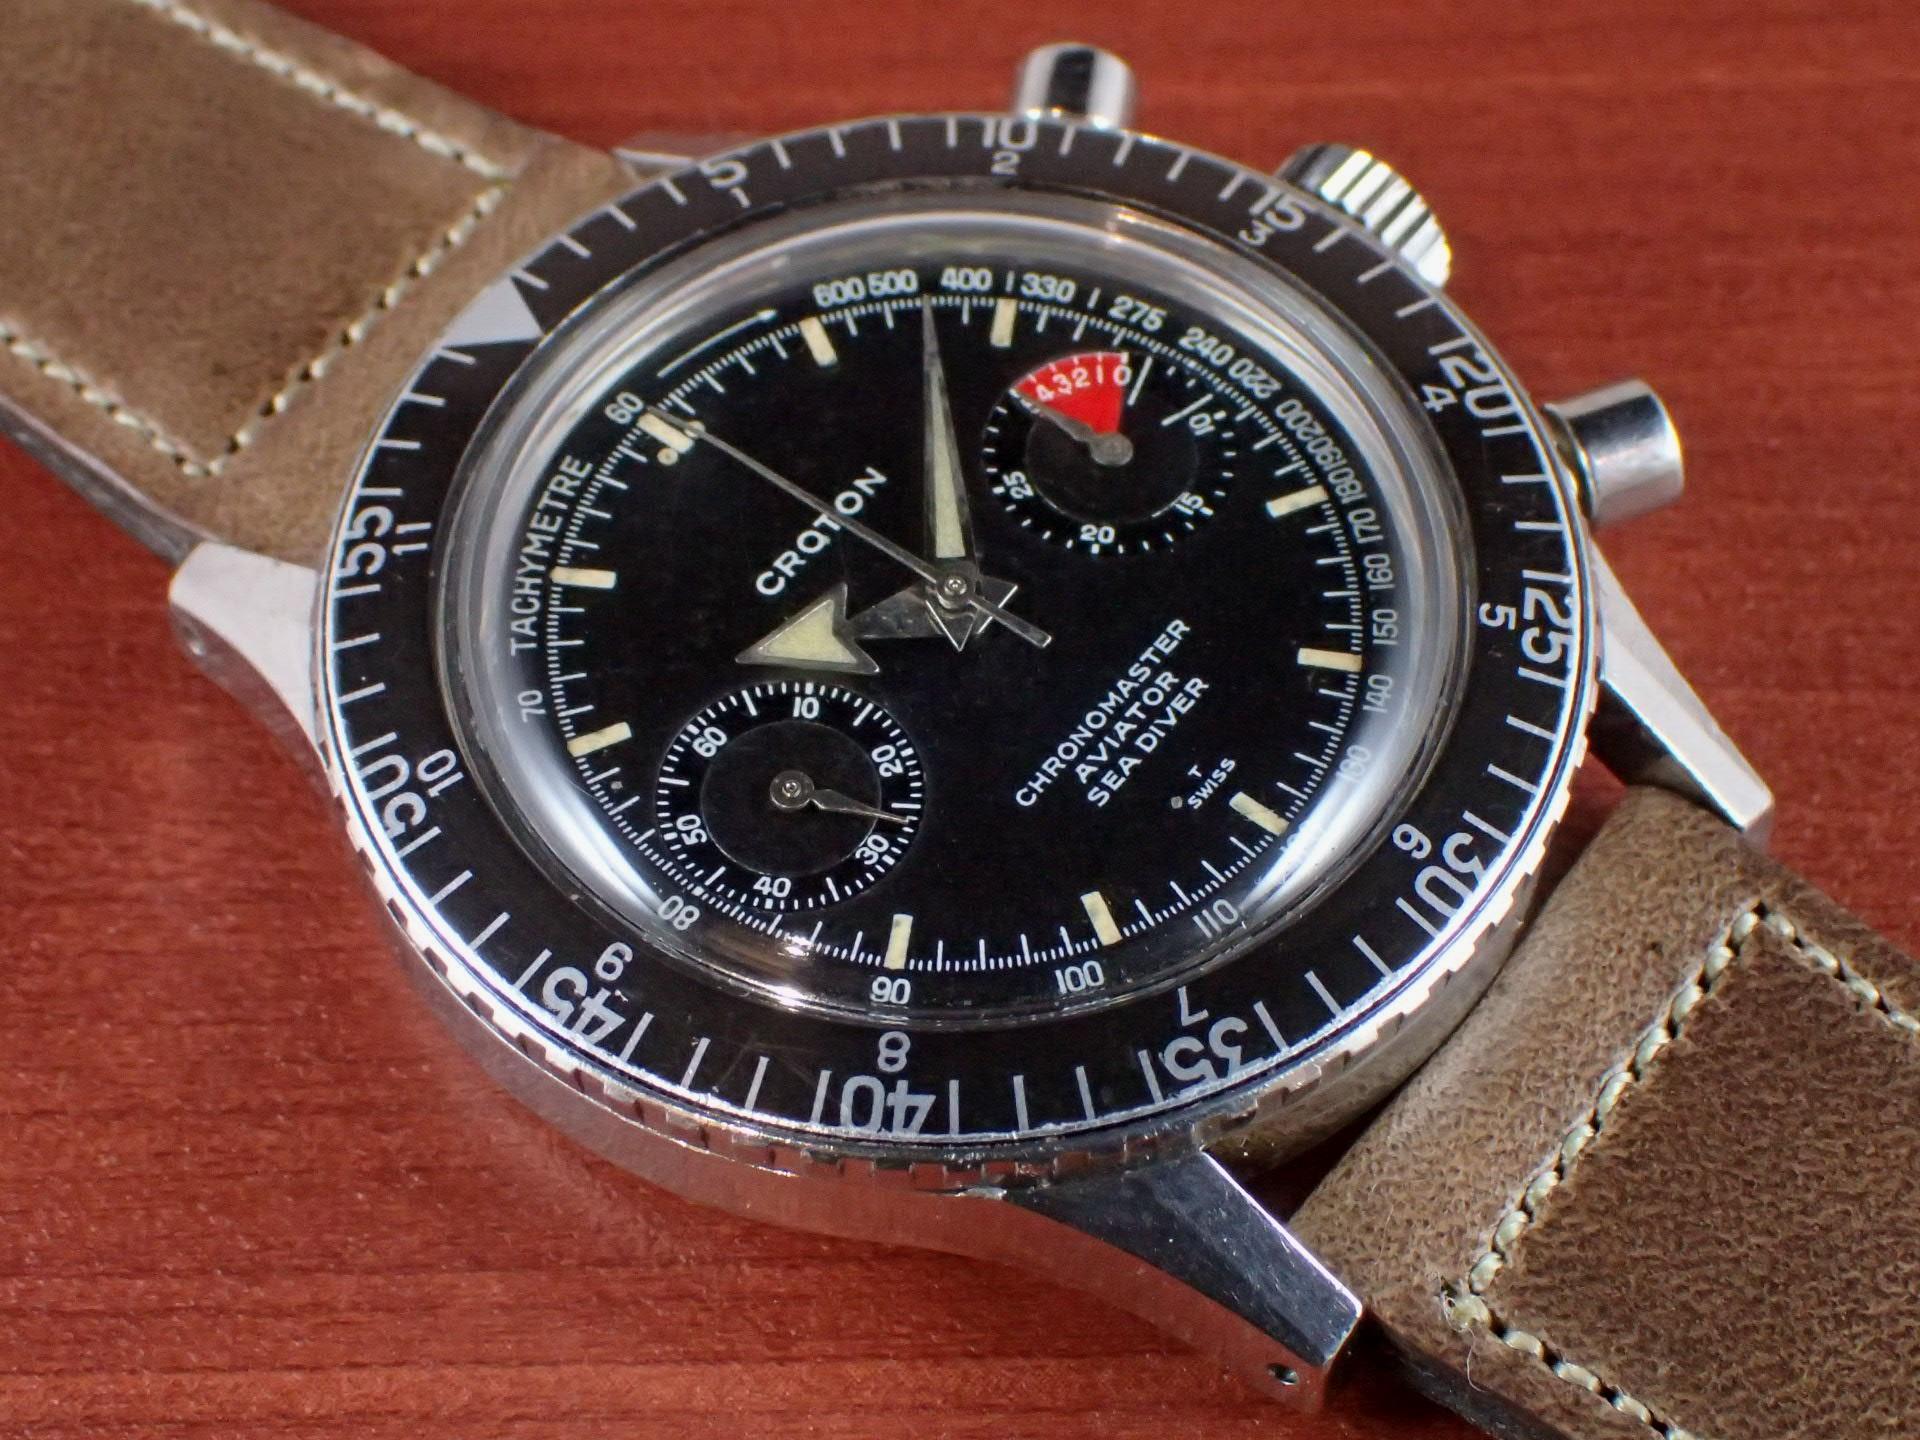 クロトン クロノマスター シーダイバー クロノグラフ バルジュー23 1960年代のメイン写真